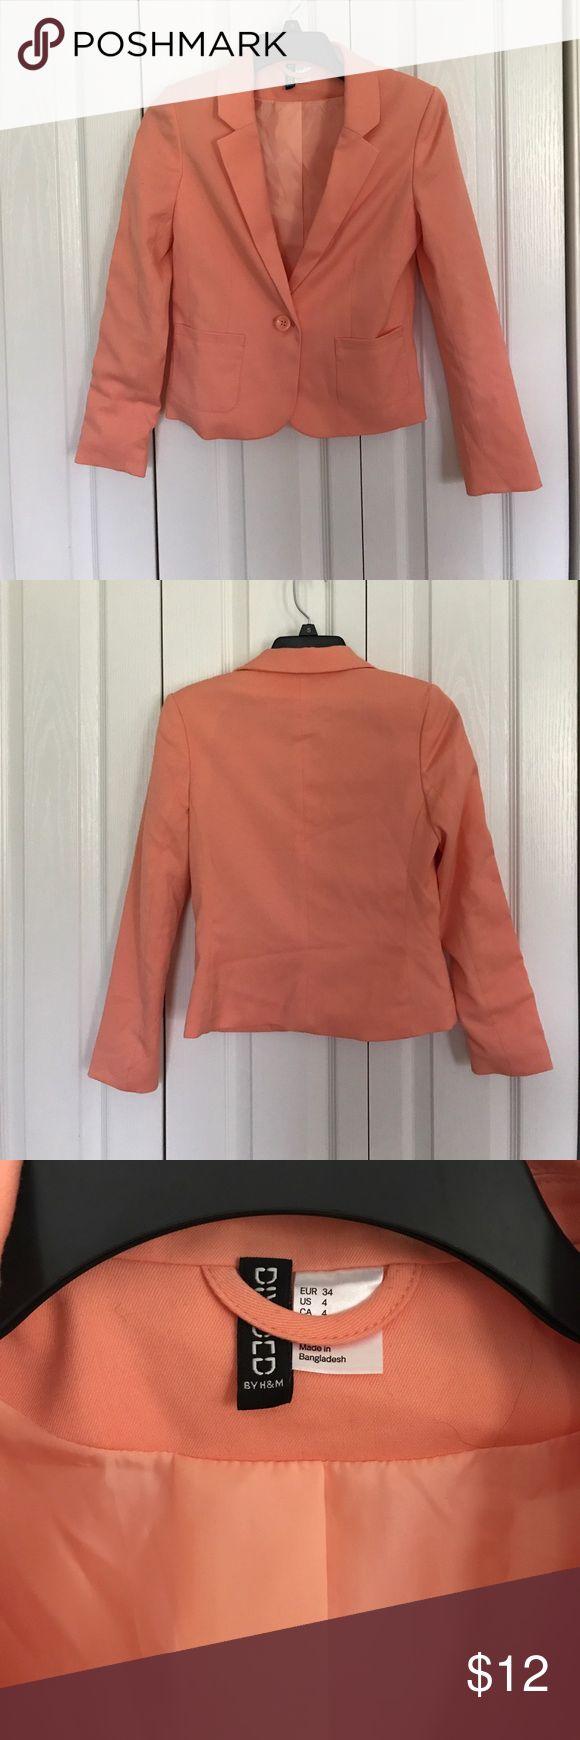 Peach blazer Peach blazer Jackets & Coats Blazers